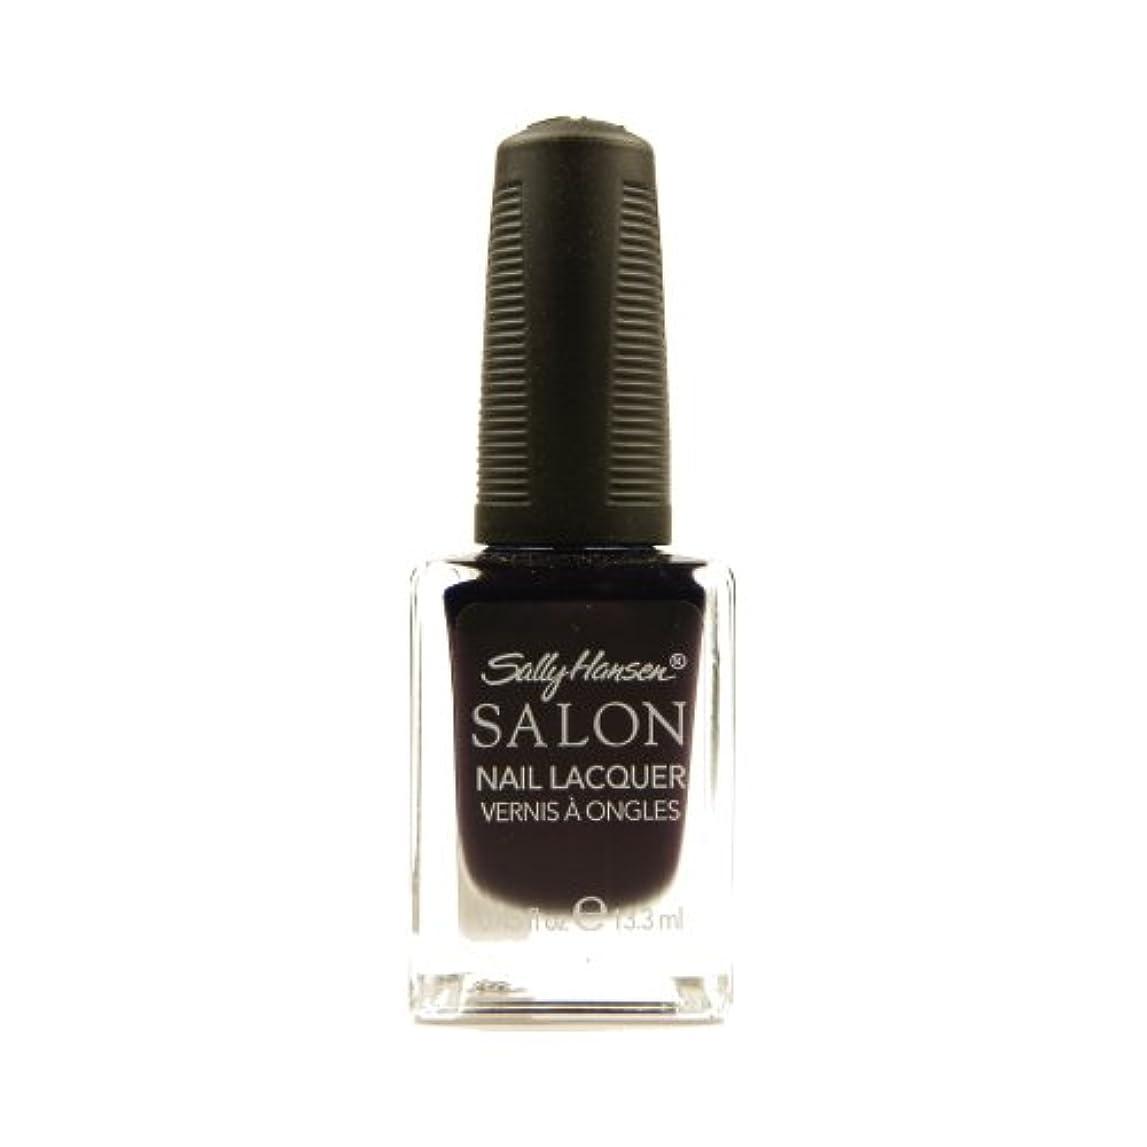 区別マチュピチュ雪だるまSALLY HANSEN Salon Nail Lacquer 4134 - The Deepest of Violets (並行輸入品)